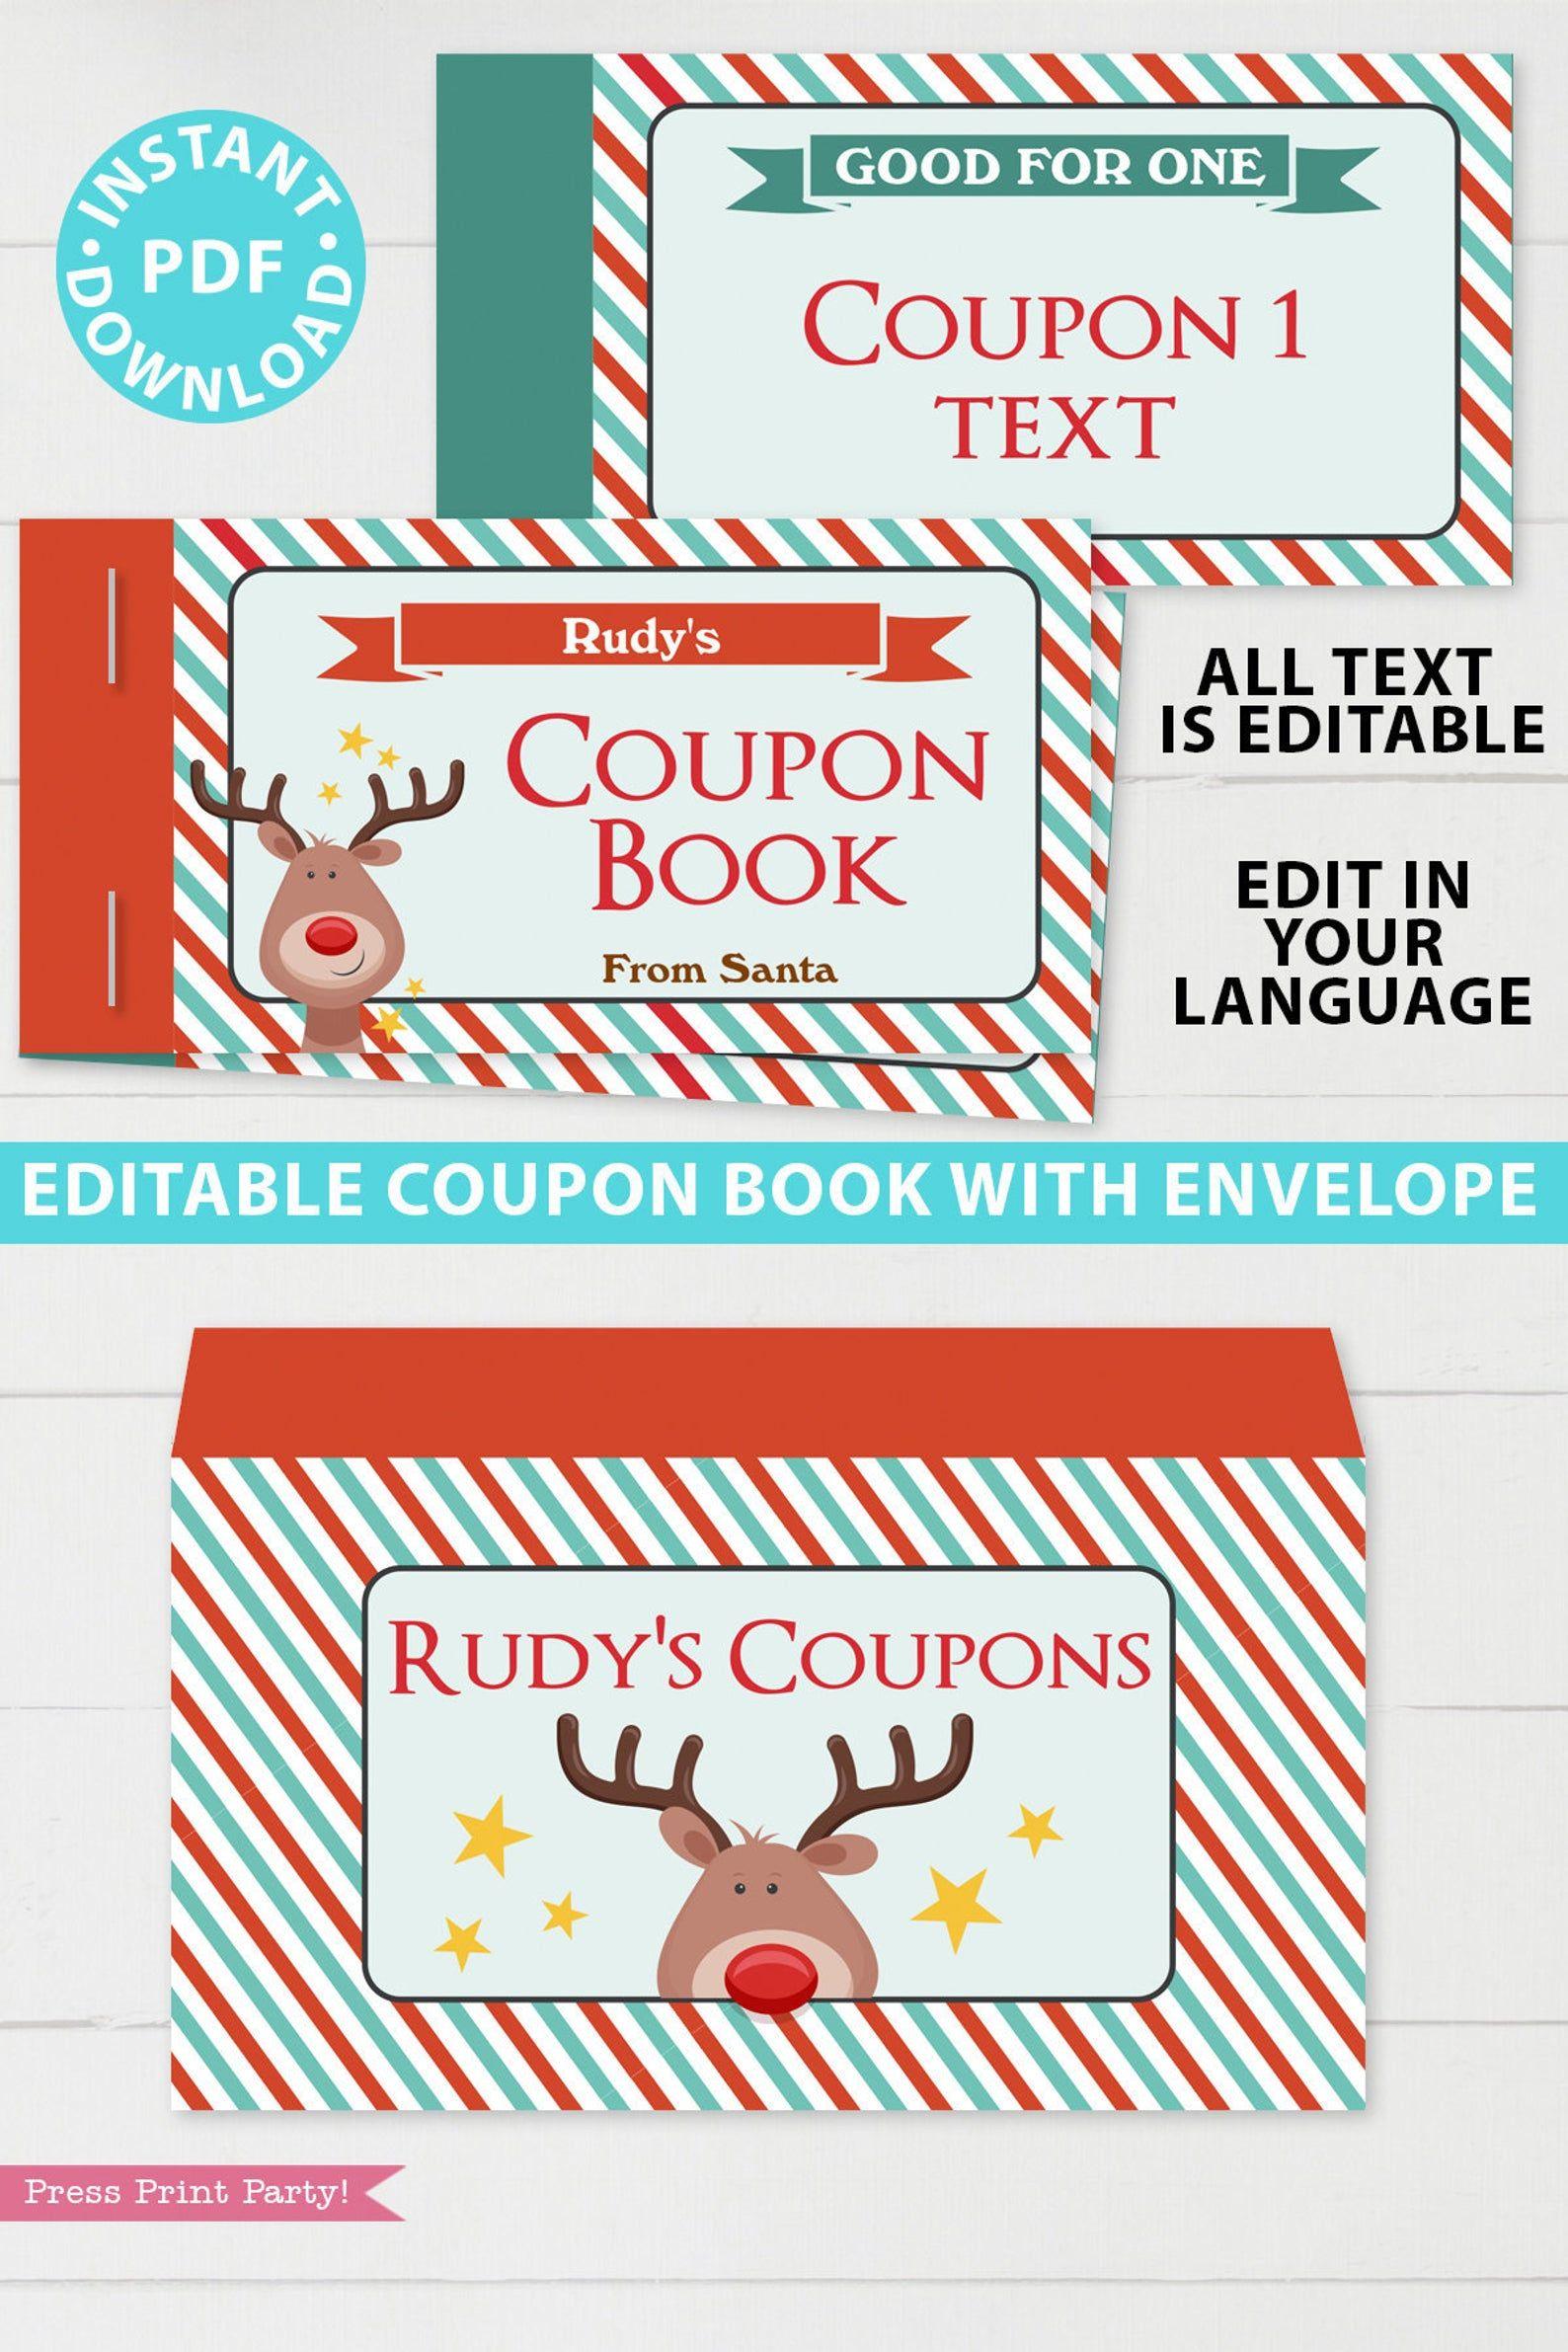 Christmas Coupon Book Printable Template Kids Gift Idea Etsy In 2020 Coupon Book Christmas Coupons Template Printable